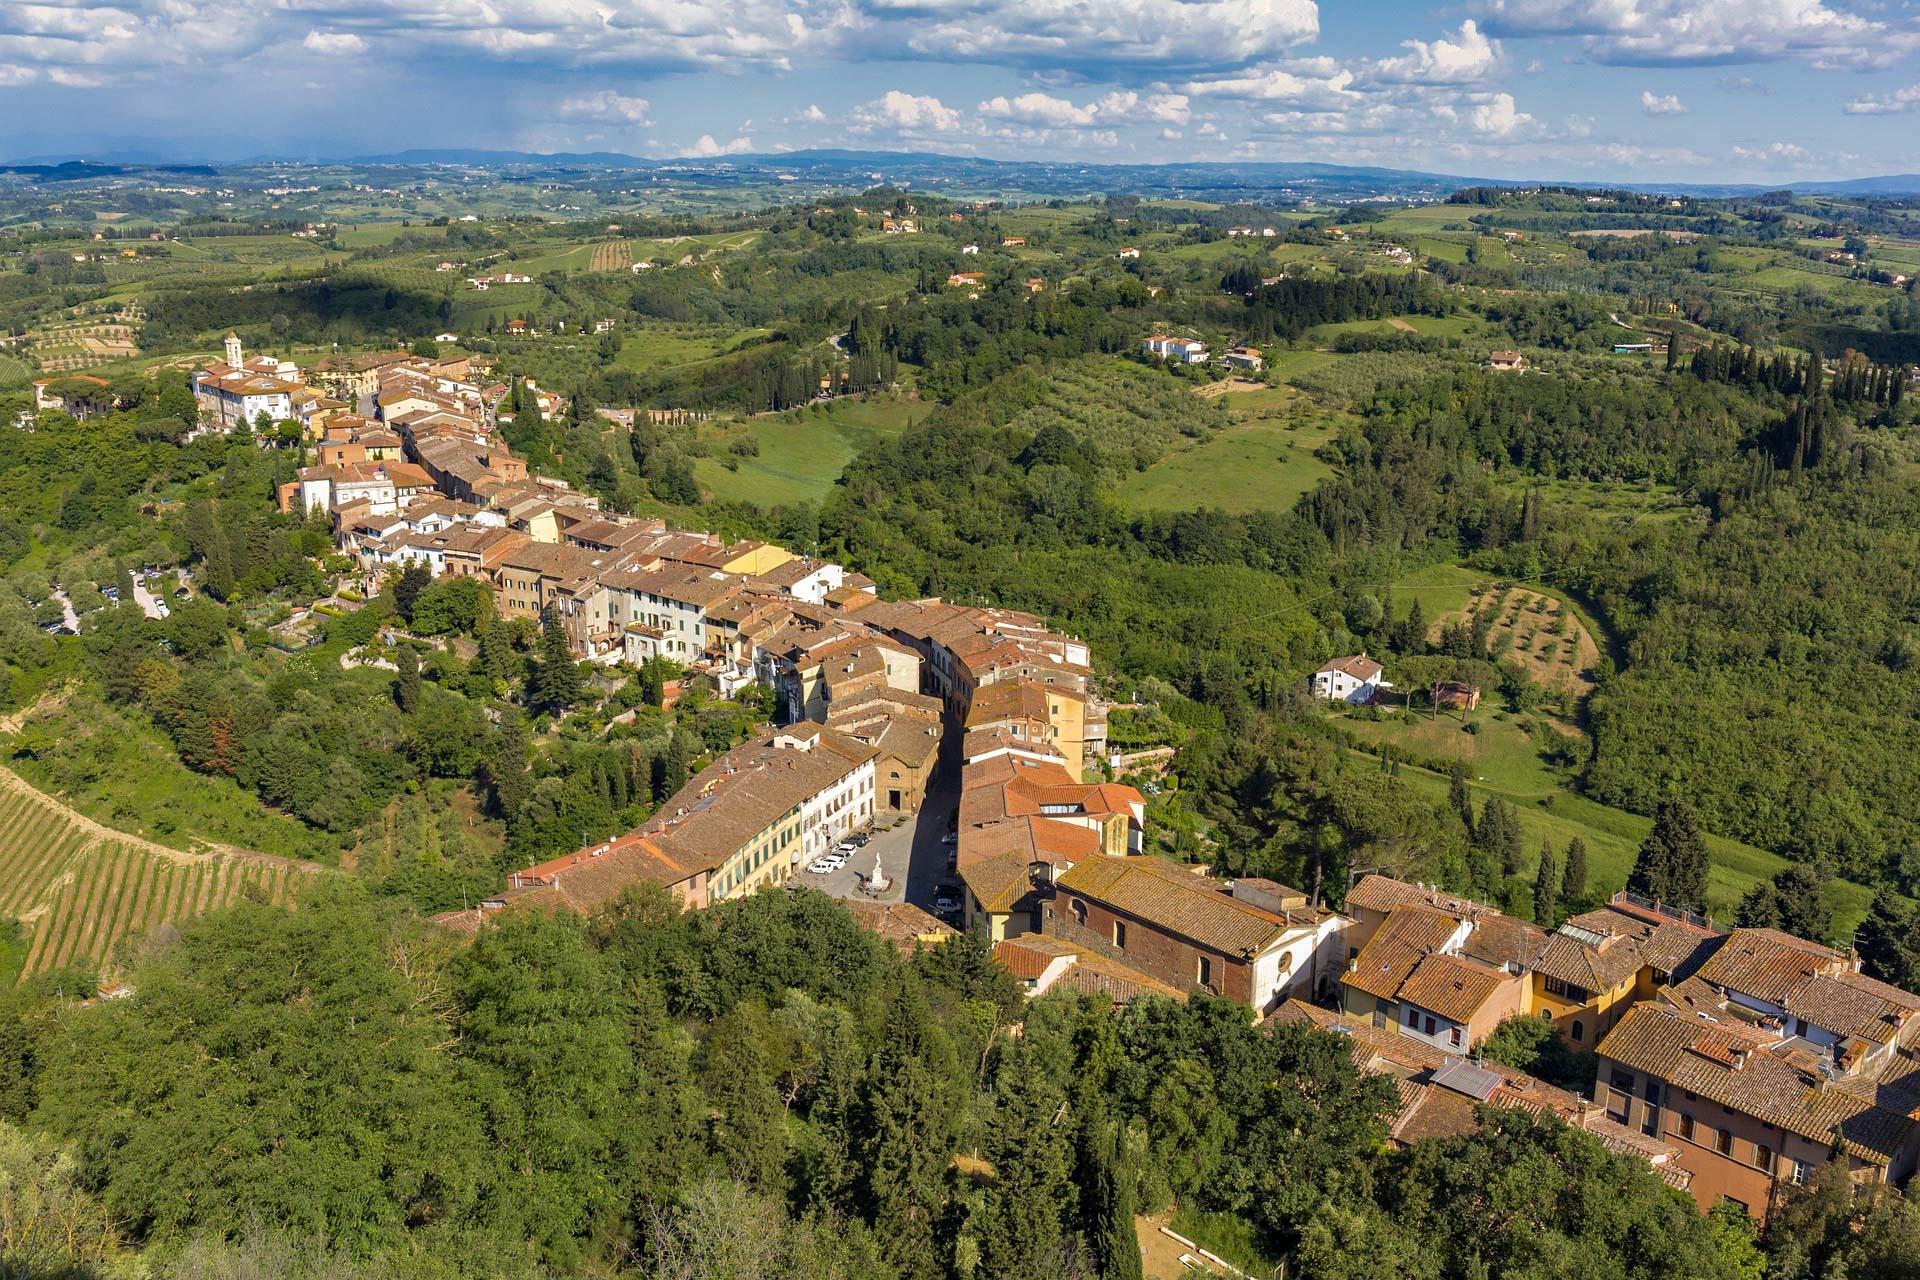 San Miniato średniowieczne miasteczko w sercu Toskanii